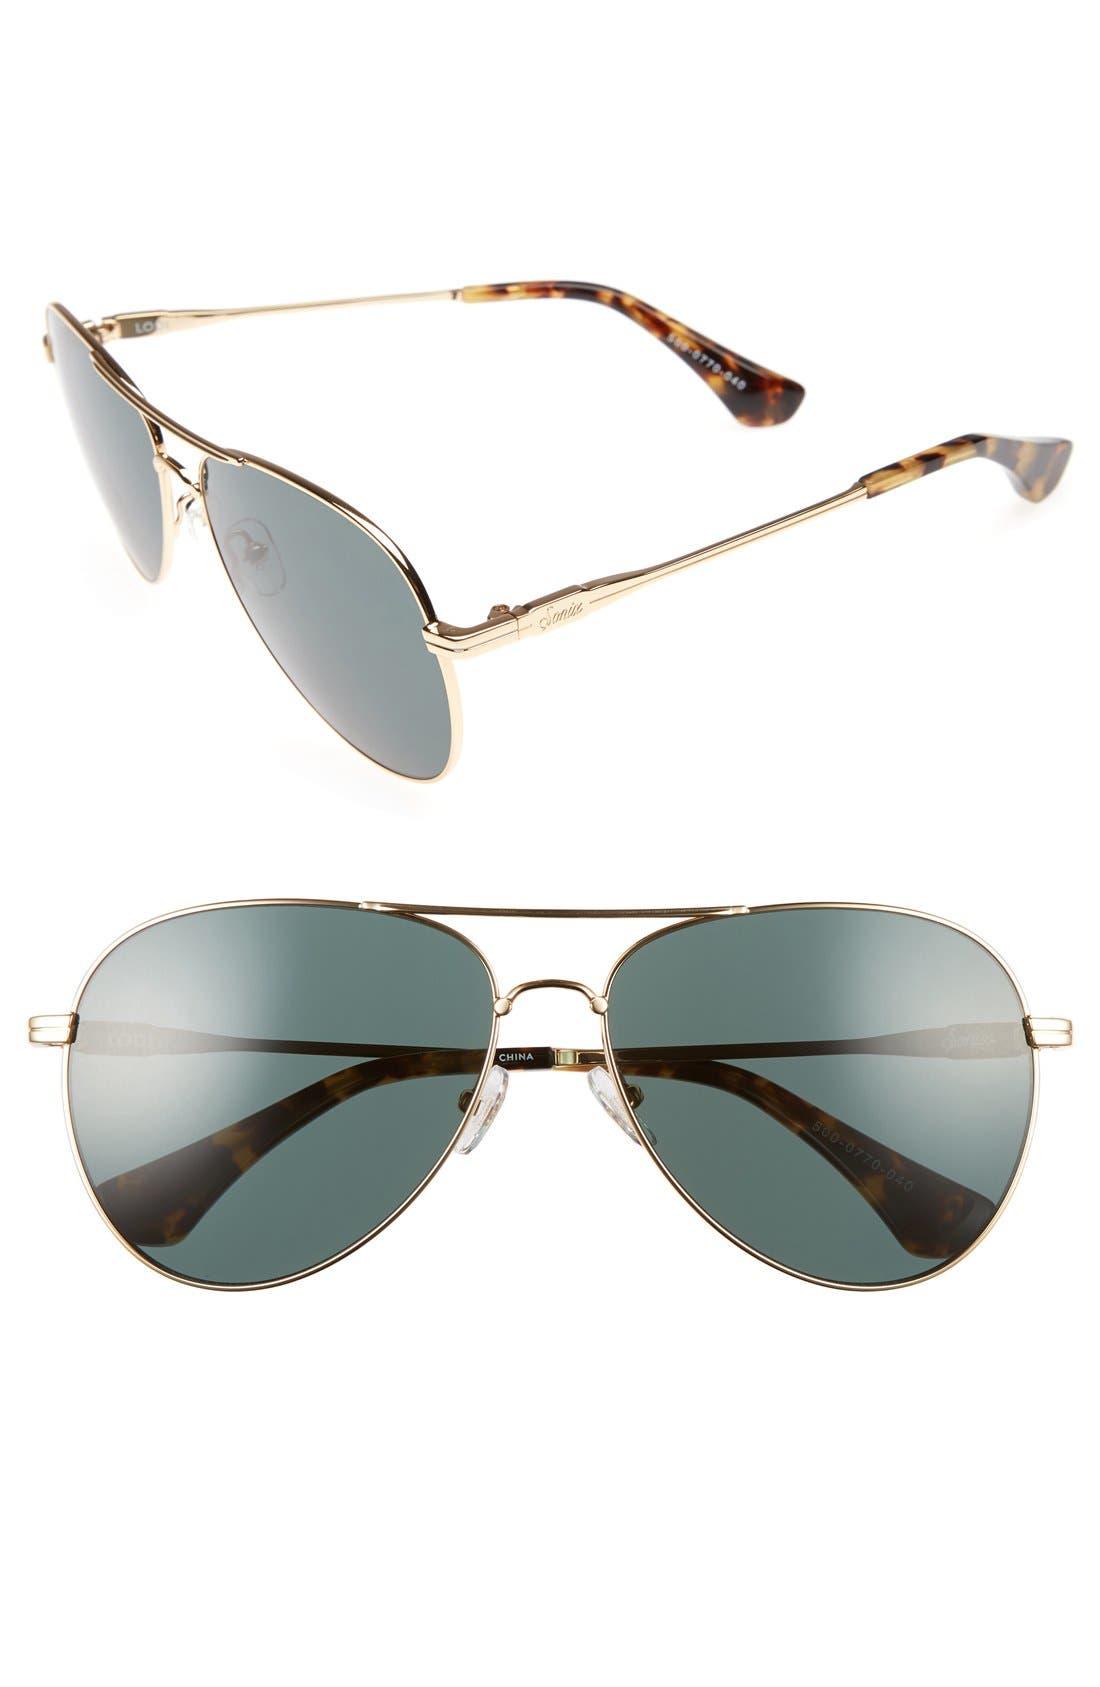 Sonix Lodi 62mm Mirrored Aviator Sunglasses